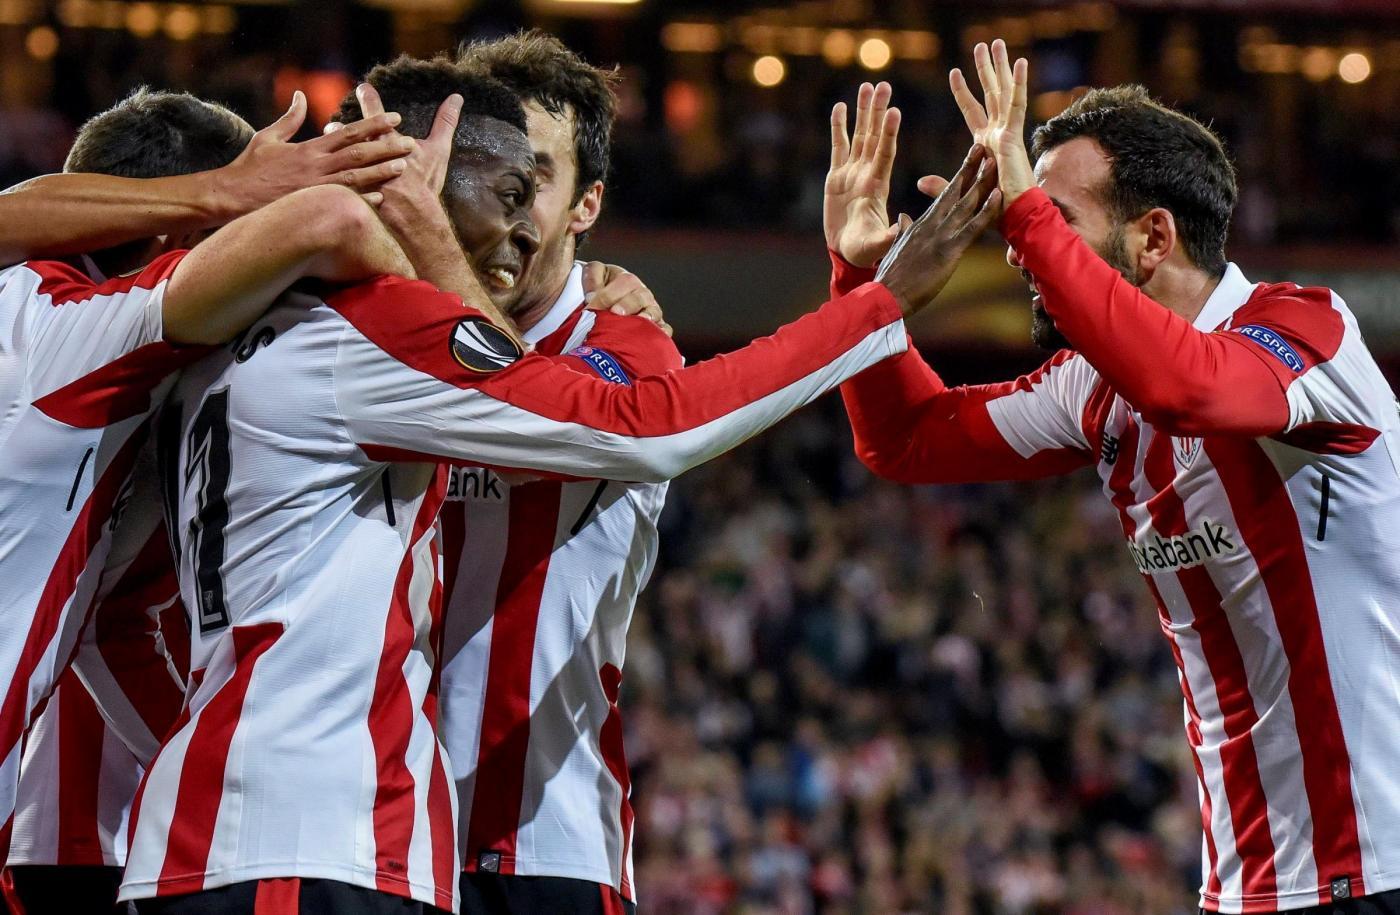 LaLiga, Athletic Bilbao-Leganes lunedì 20 agosto: analisi e pronostico del posticipo della prima giornata del torneo spagnolo